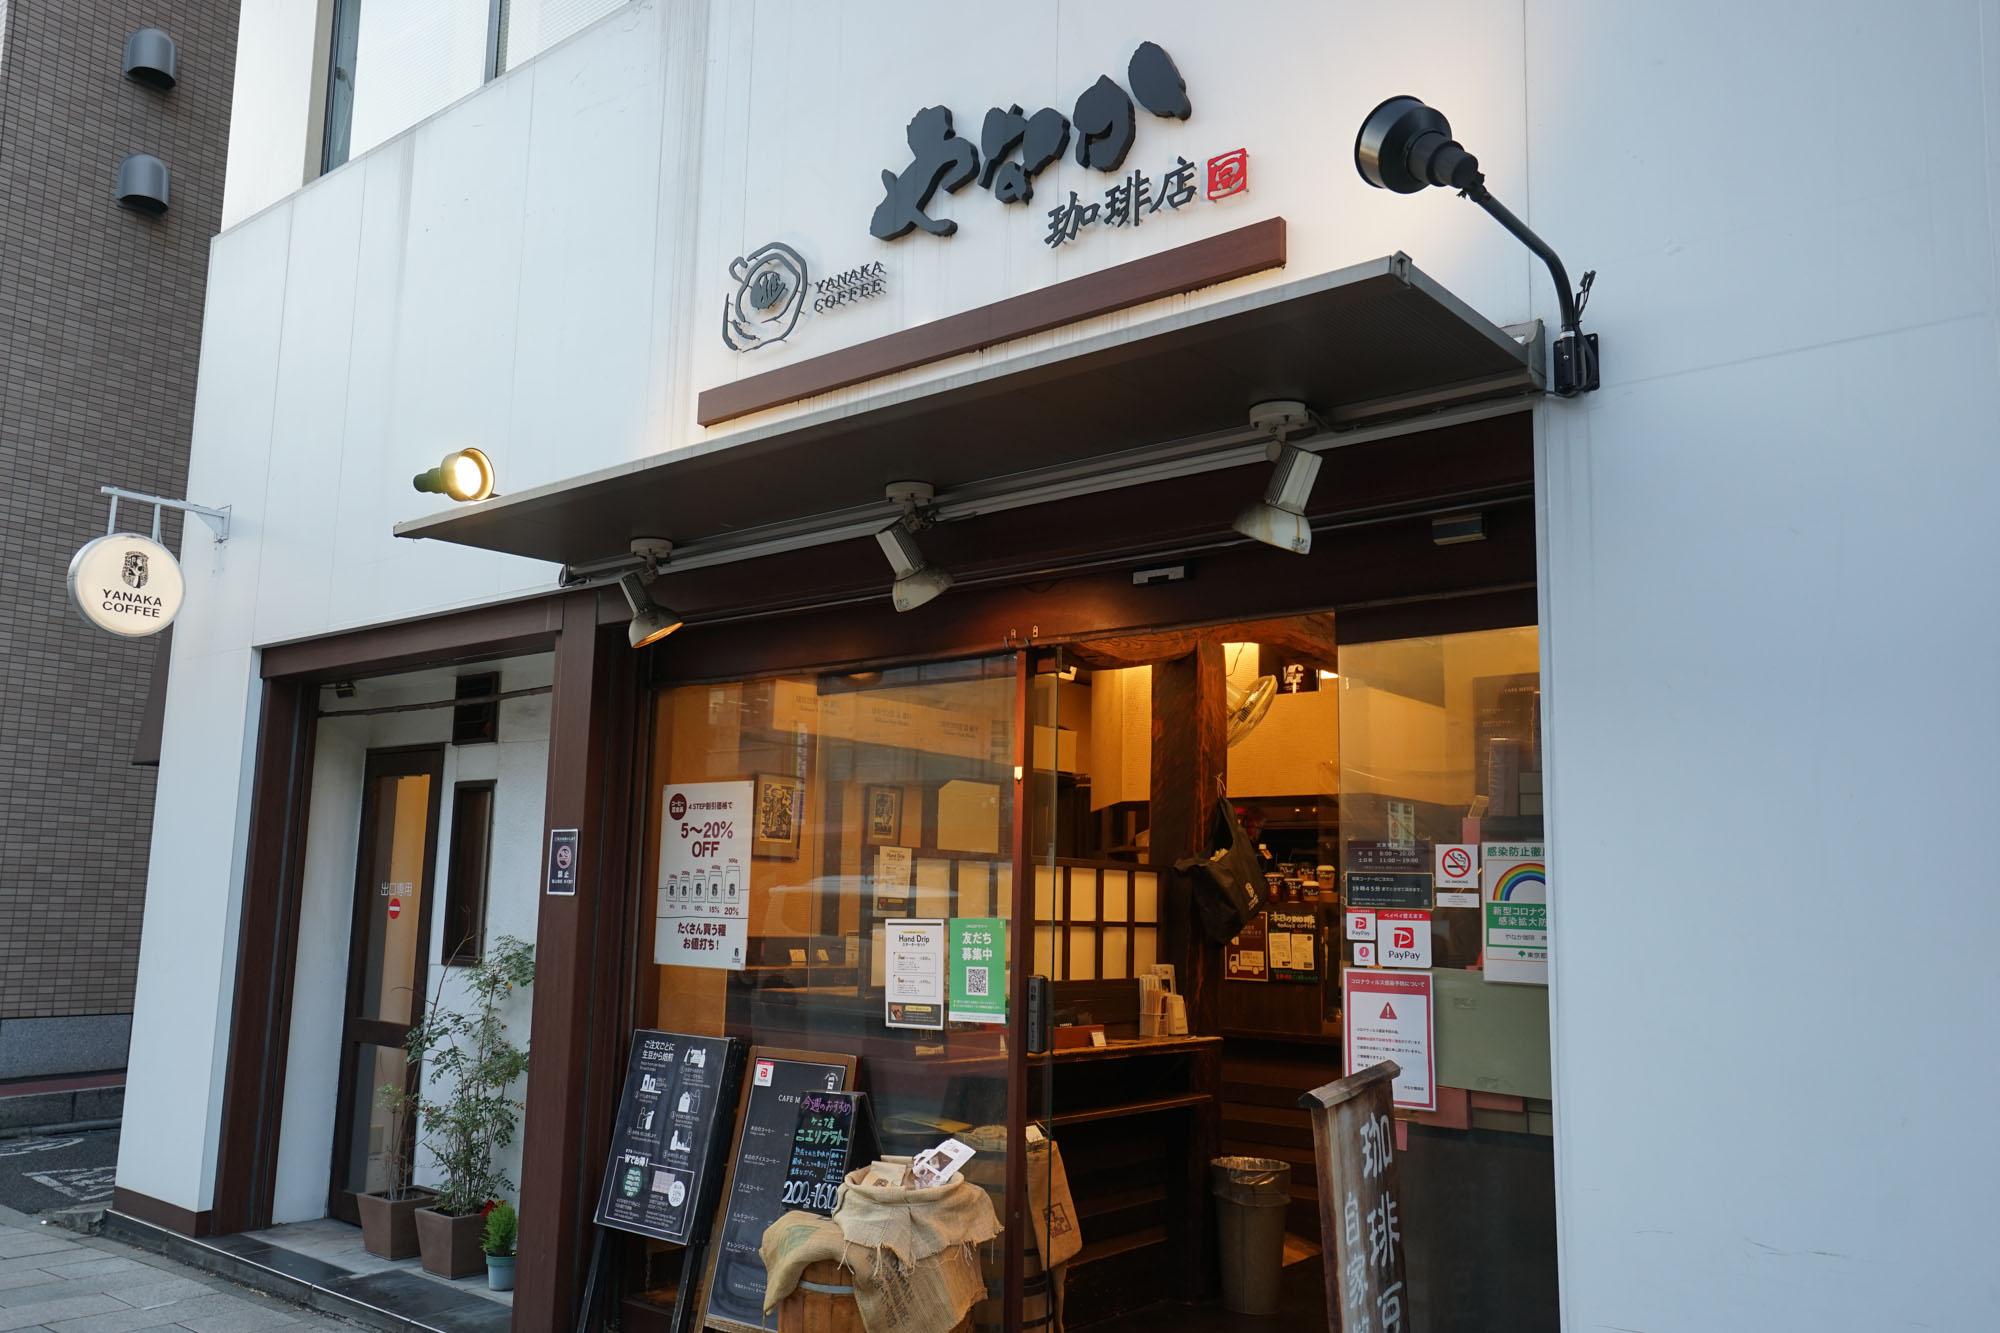 焙煎したてのコーヒーのいい匂いがお店の外まで漂ってくる、コーヒー専門店もありました。